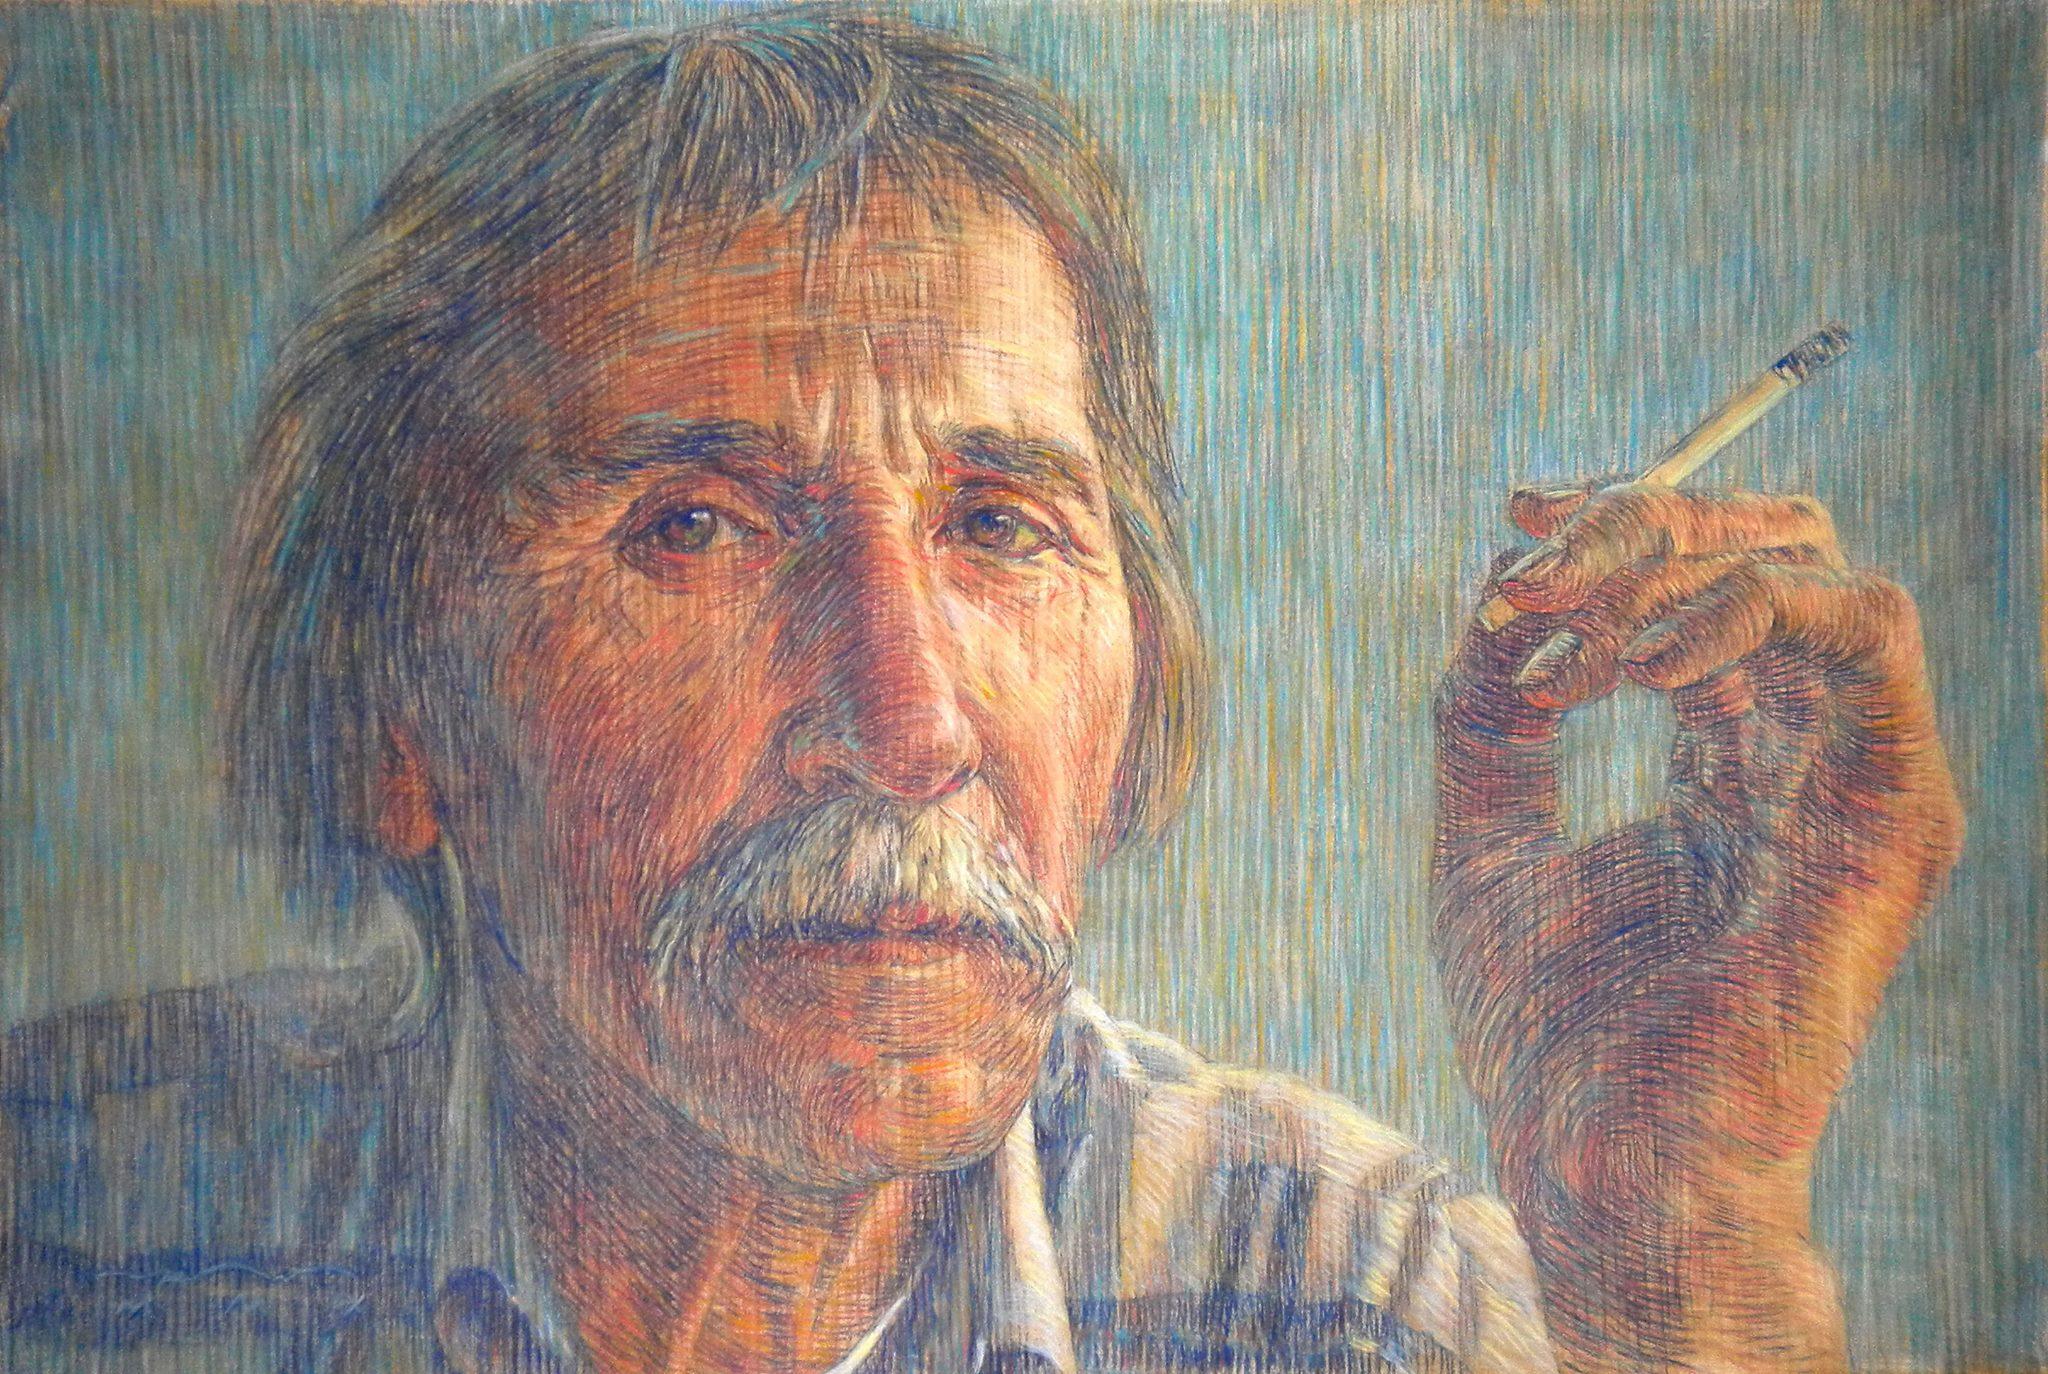 Портрет заслуженного художника России А. П. Рыбкина.